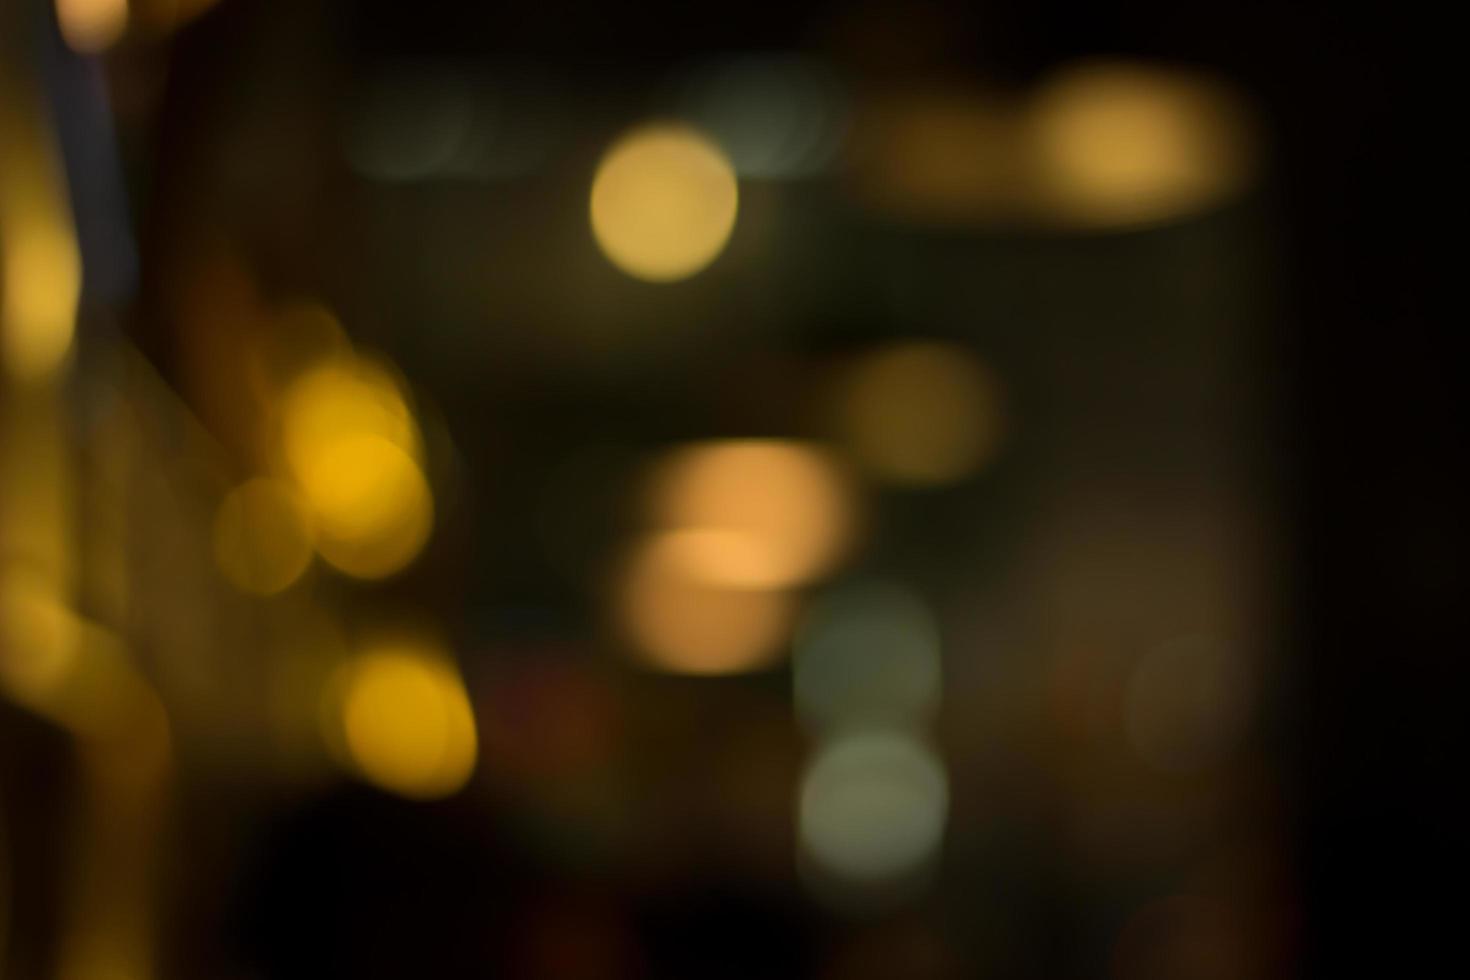 Luz nocturna de la ciudad abstracta con fondo desenfocado foto